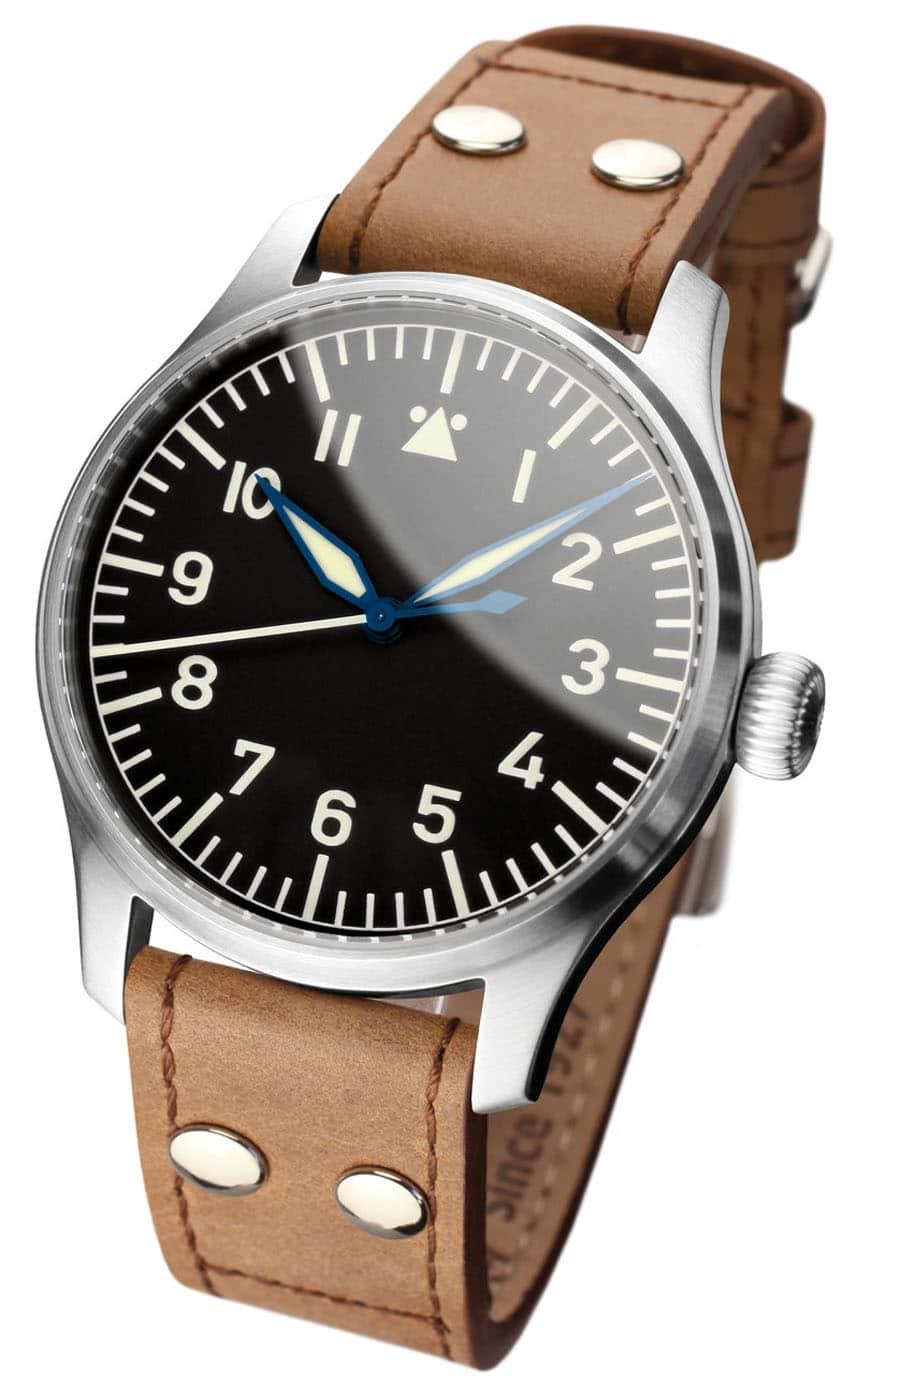 Uhren-Ikonen und ihre Alternativen: Stowa Flieger Klassik 40